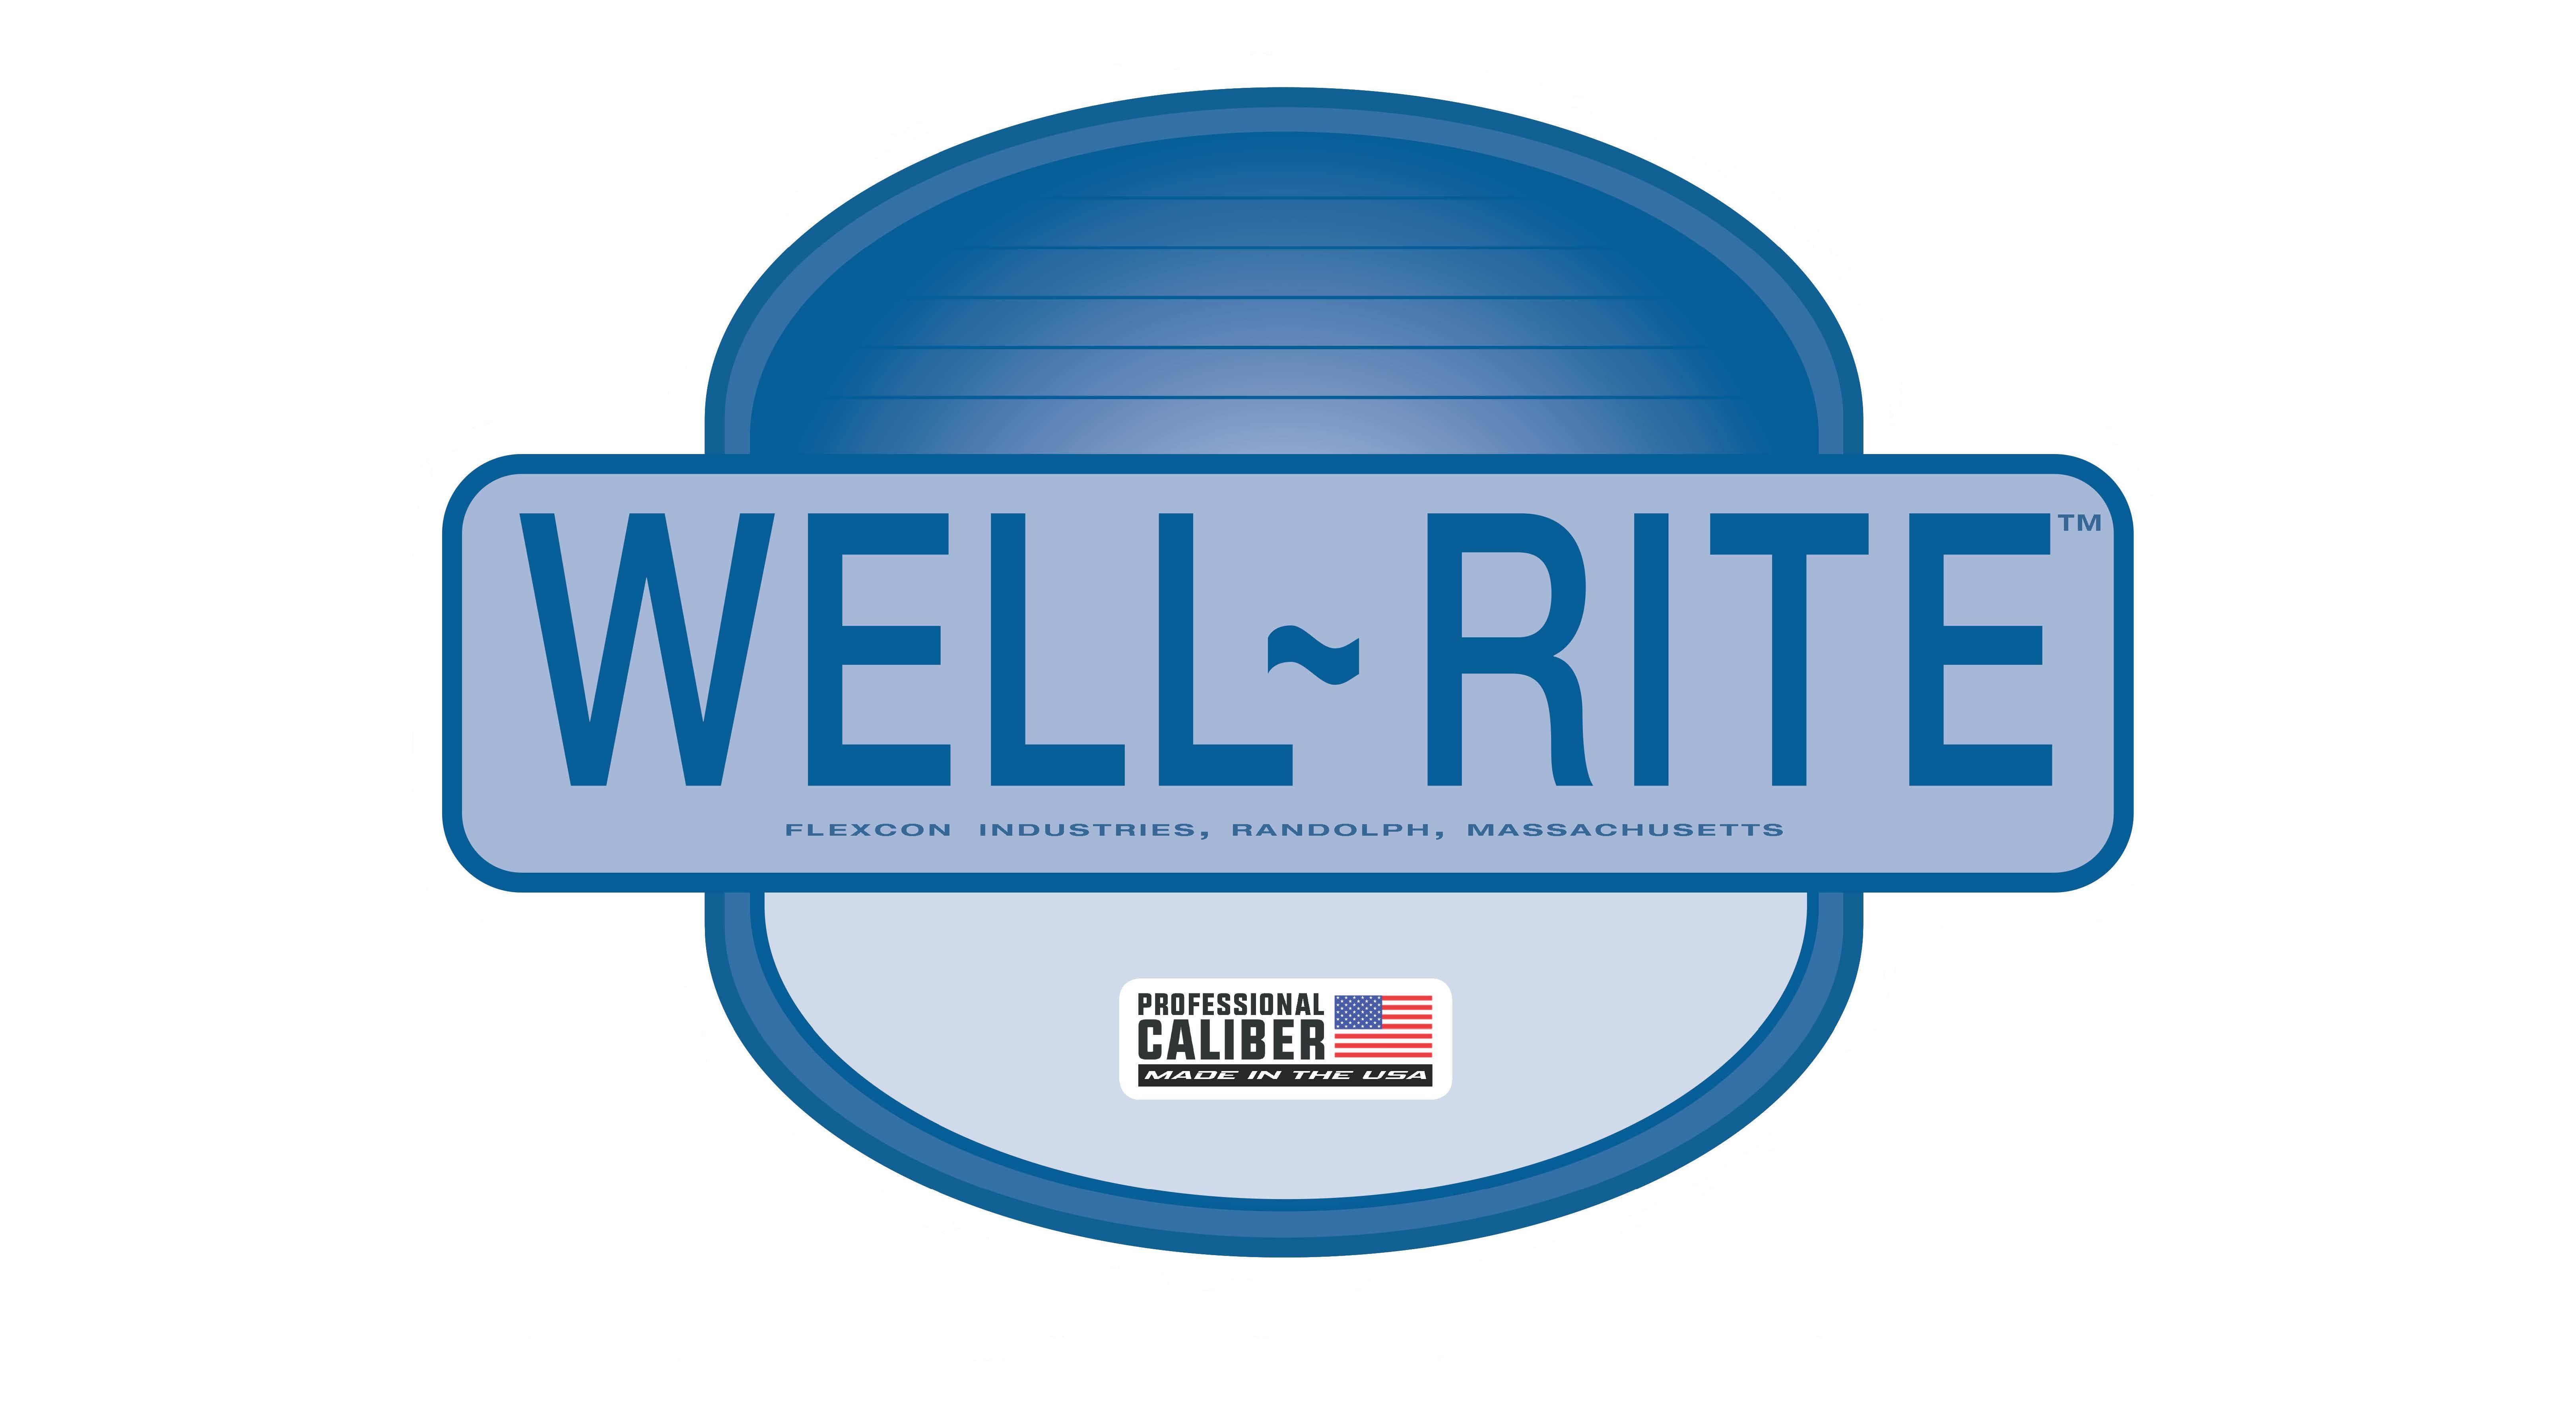 Wellrite